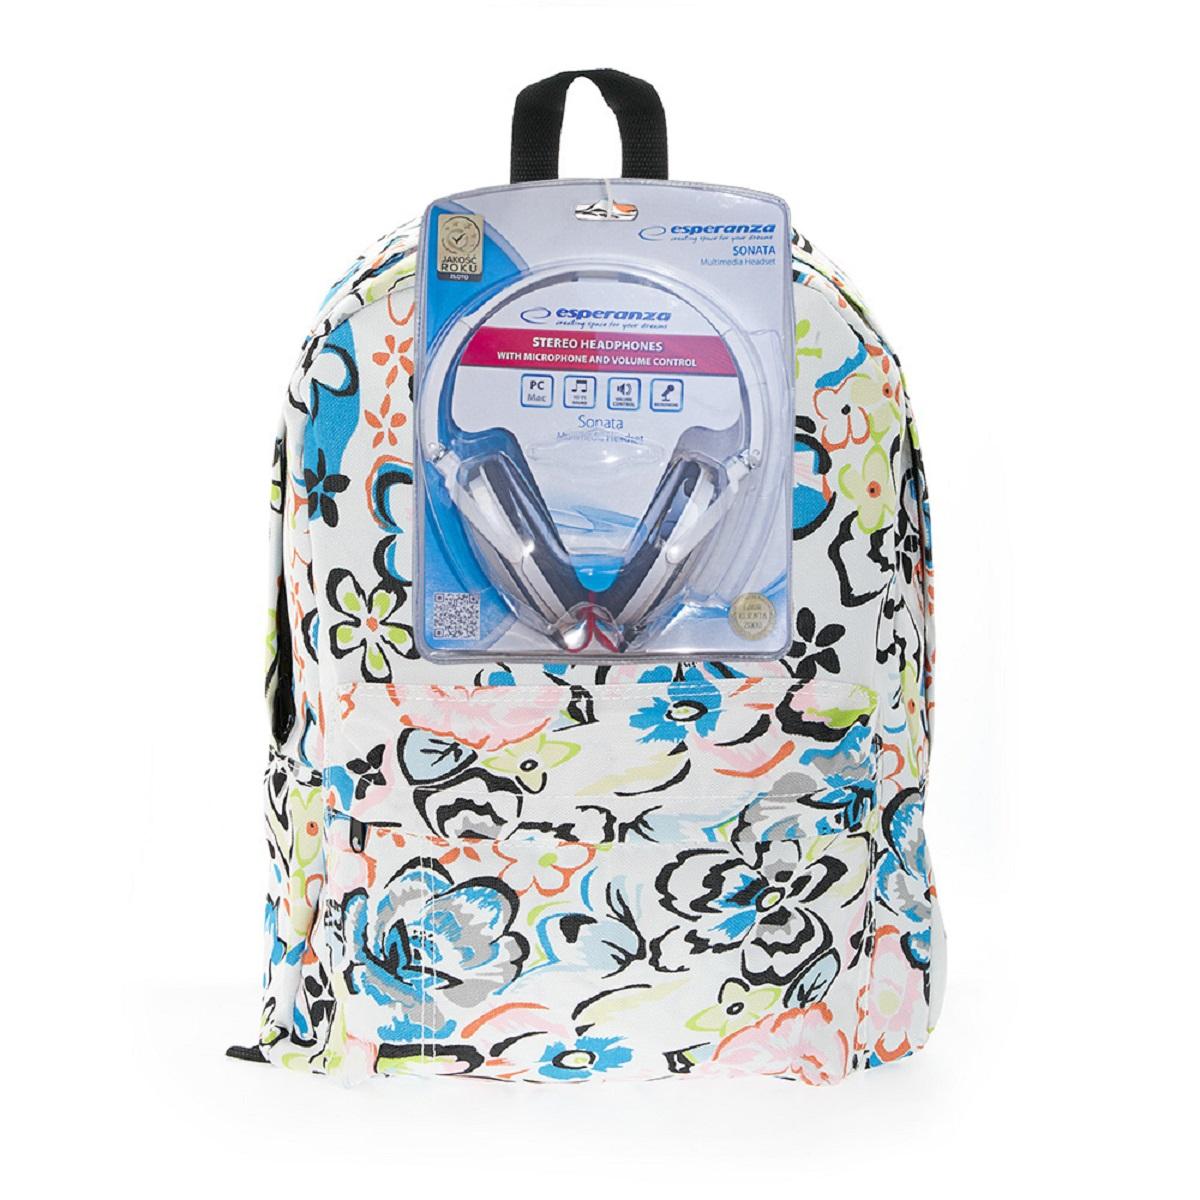 Рюкзак городской 3D Bags Цветы, 16 л + ПОДАРОК: Наушники3DBC409NРюкзак городской 3D Bags Цветы + ПОДАРОК: НаушникиСтильный, вместительный и практичный, рюкзак понравится и школьникам, и студентам. Просторный внутренний отсек, наружный карман на молнии будут очень удобны в использовании. В комплект входят белые стереонаушники с мягкими ушными подушками. Длина кабеля 2 м, разъем 3,5 мм, сопротивление 32 Ом, диапазон часто - 20 Гц-20000 Гц, выходная мощность - 100 мВт.Наушники поставляются в цветовом ассортименте. Поставка осуществляется в зависимости от наличия на складе.Объем: 16 л.